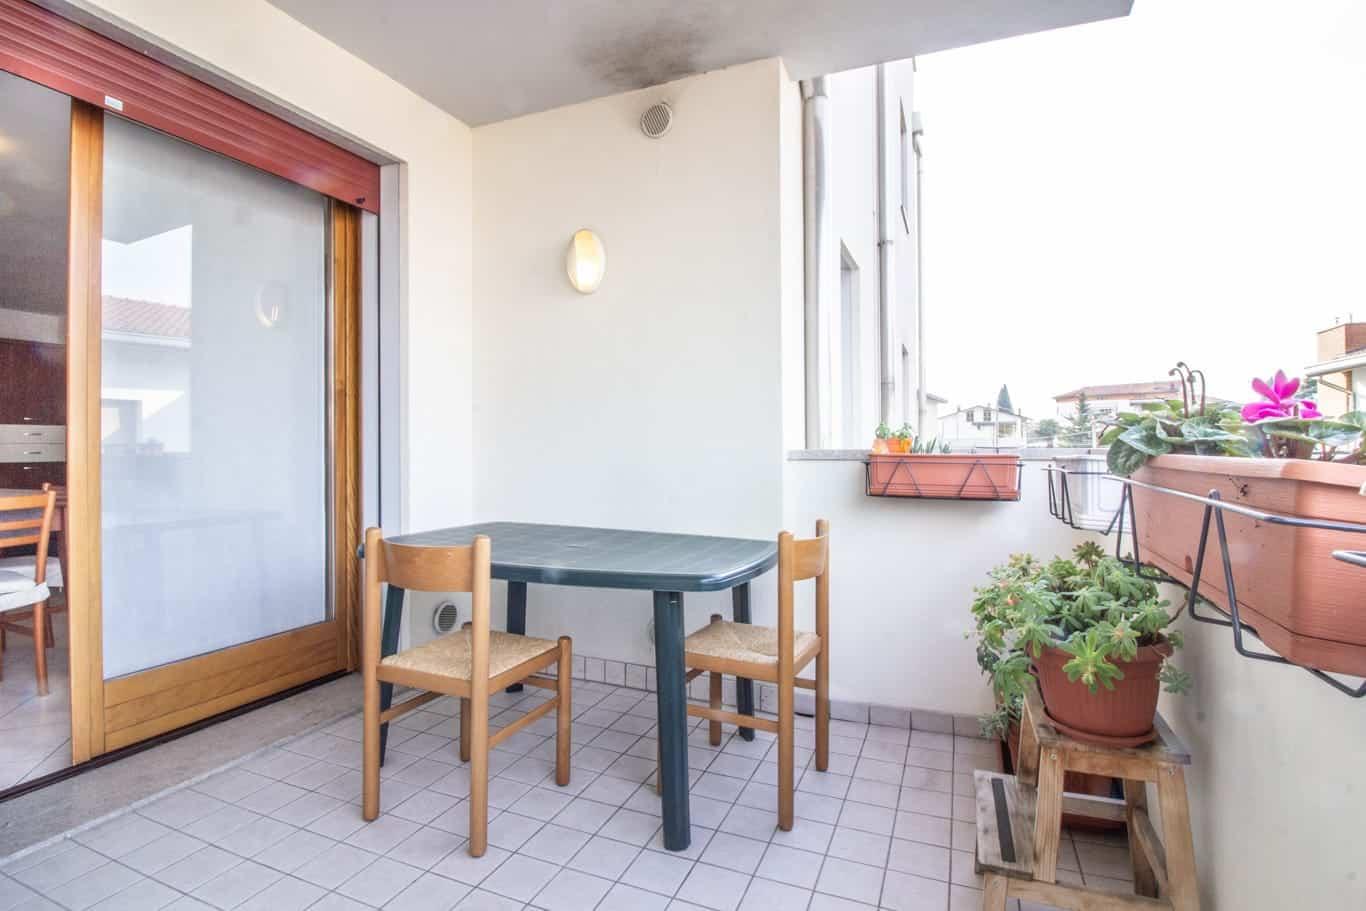 abitare immobiliare vendesi appartamento a pordenone (8 of 8)